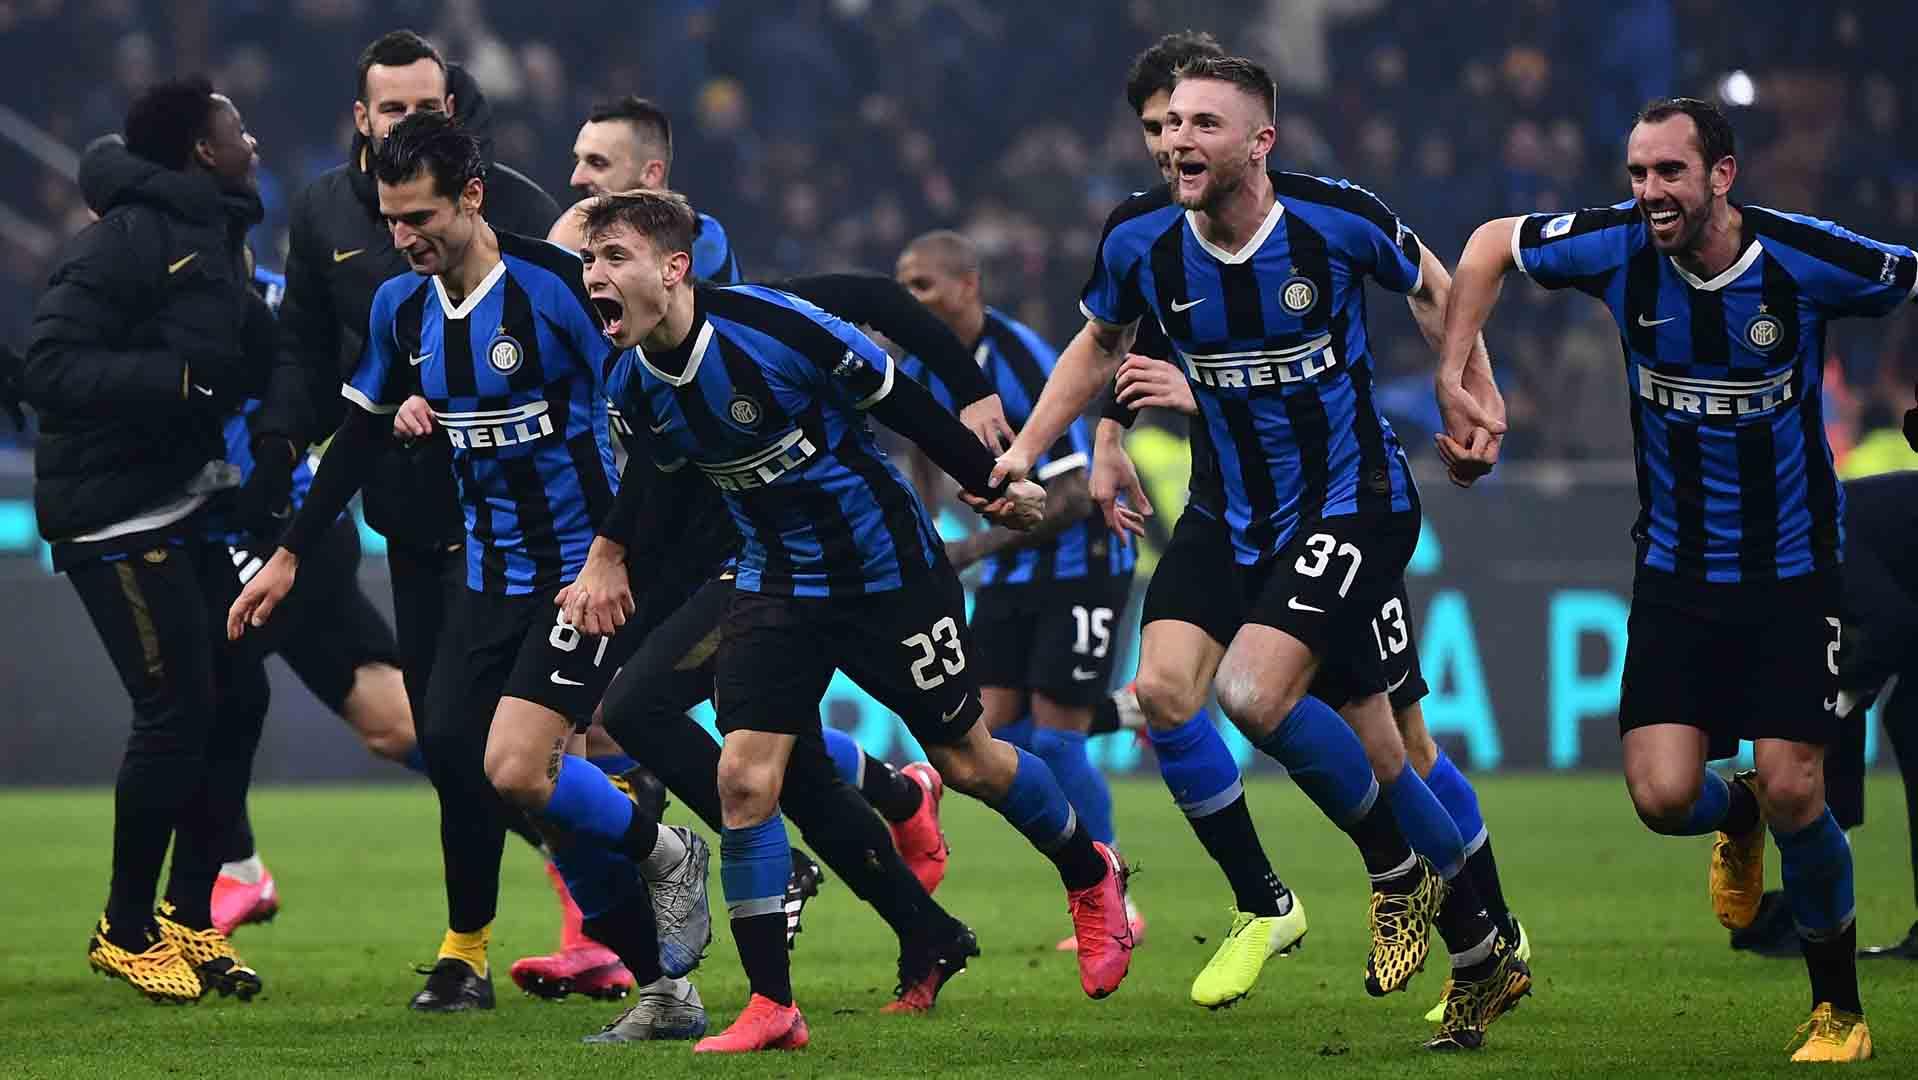 Inter remonta 4-2 en el derbi e iguala con la Juventus en el liderato | El Heraldo